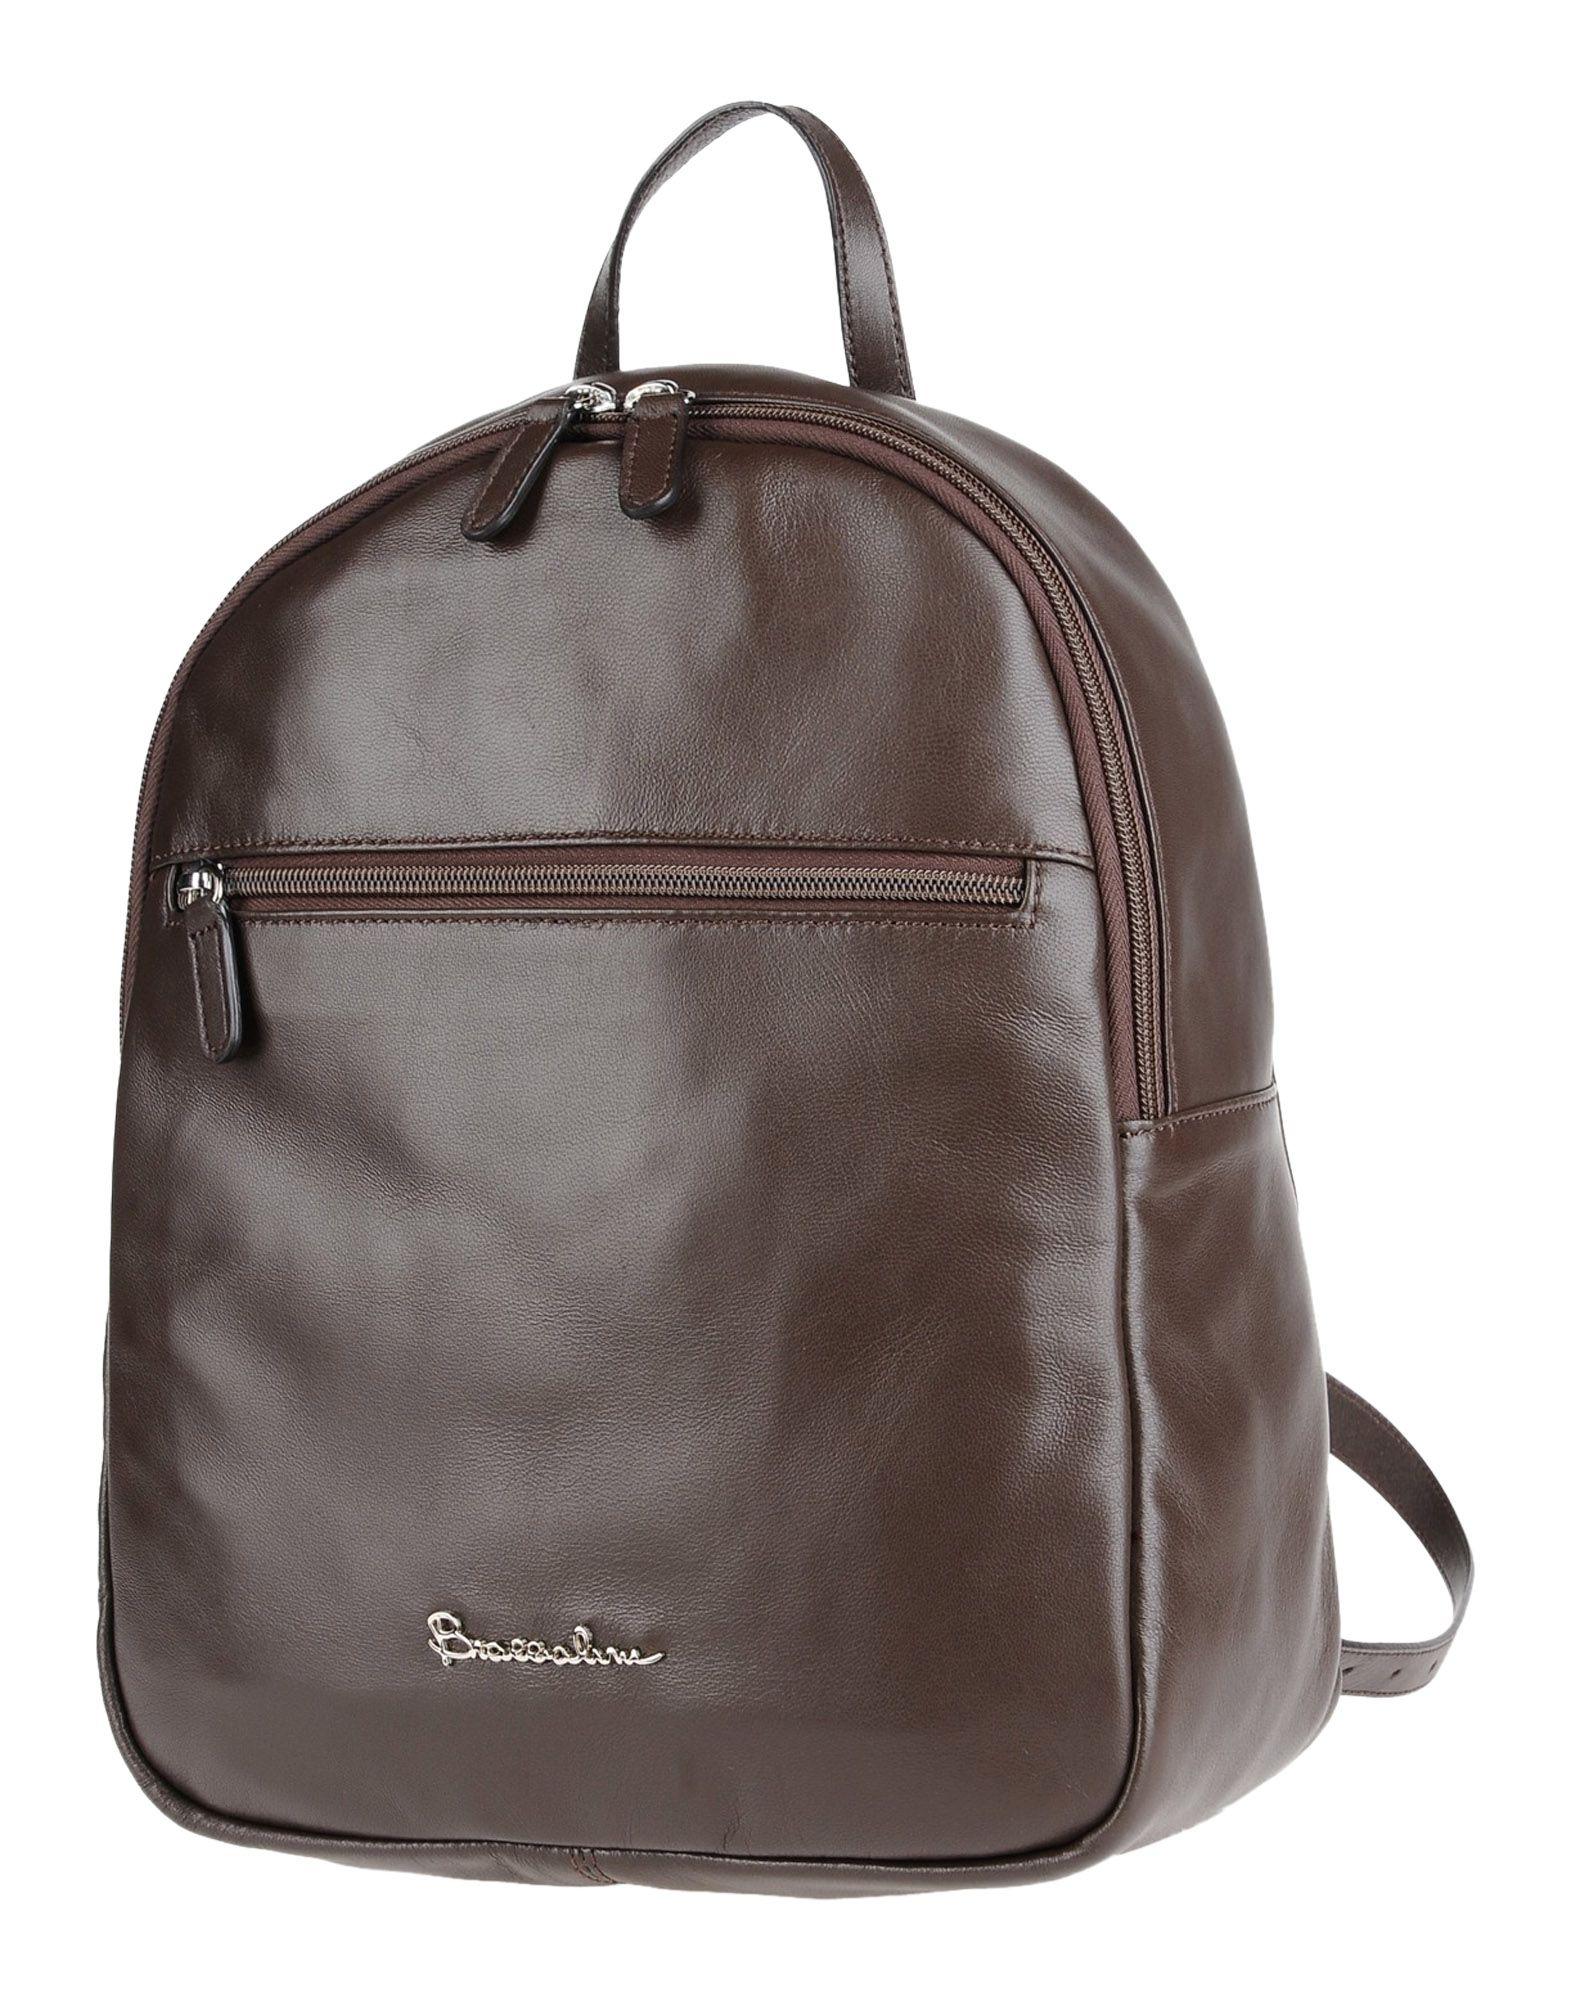 4487f938df31 Коричневые женские деловые сумки Braccialini купить в интернет ...